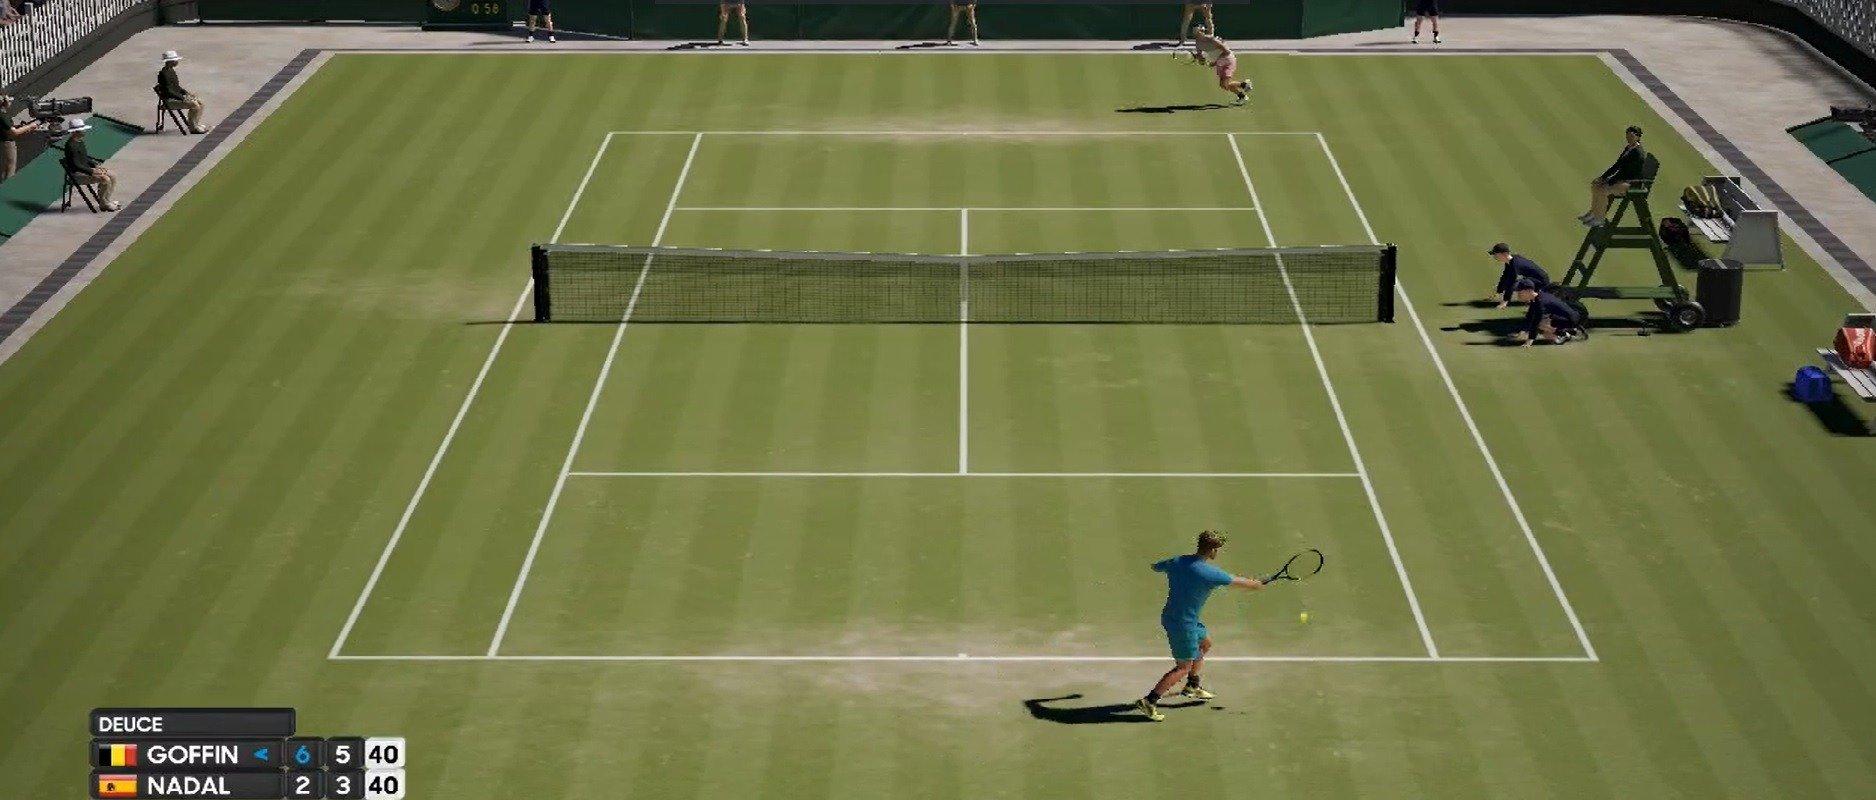 SRL tennis stavki chto eto takoe i kak vyigryvat